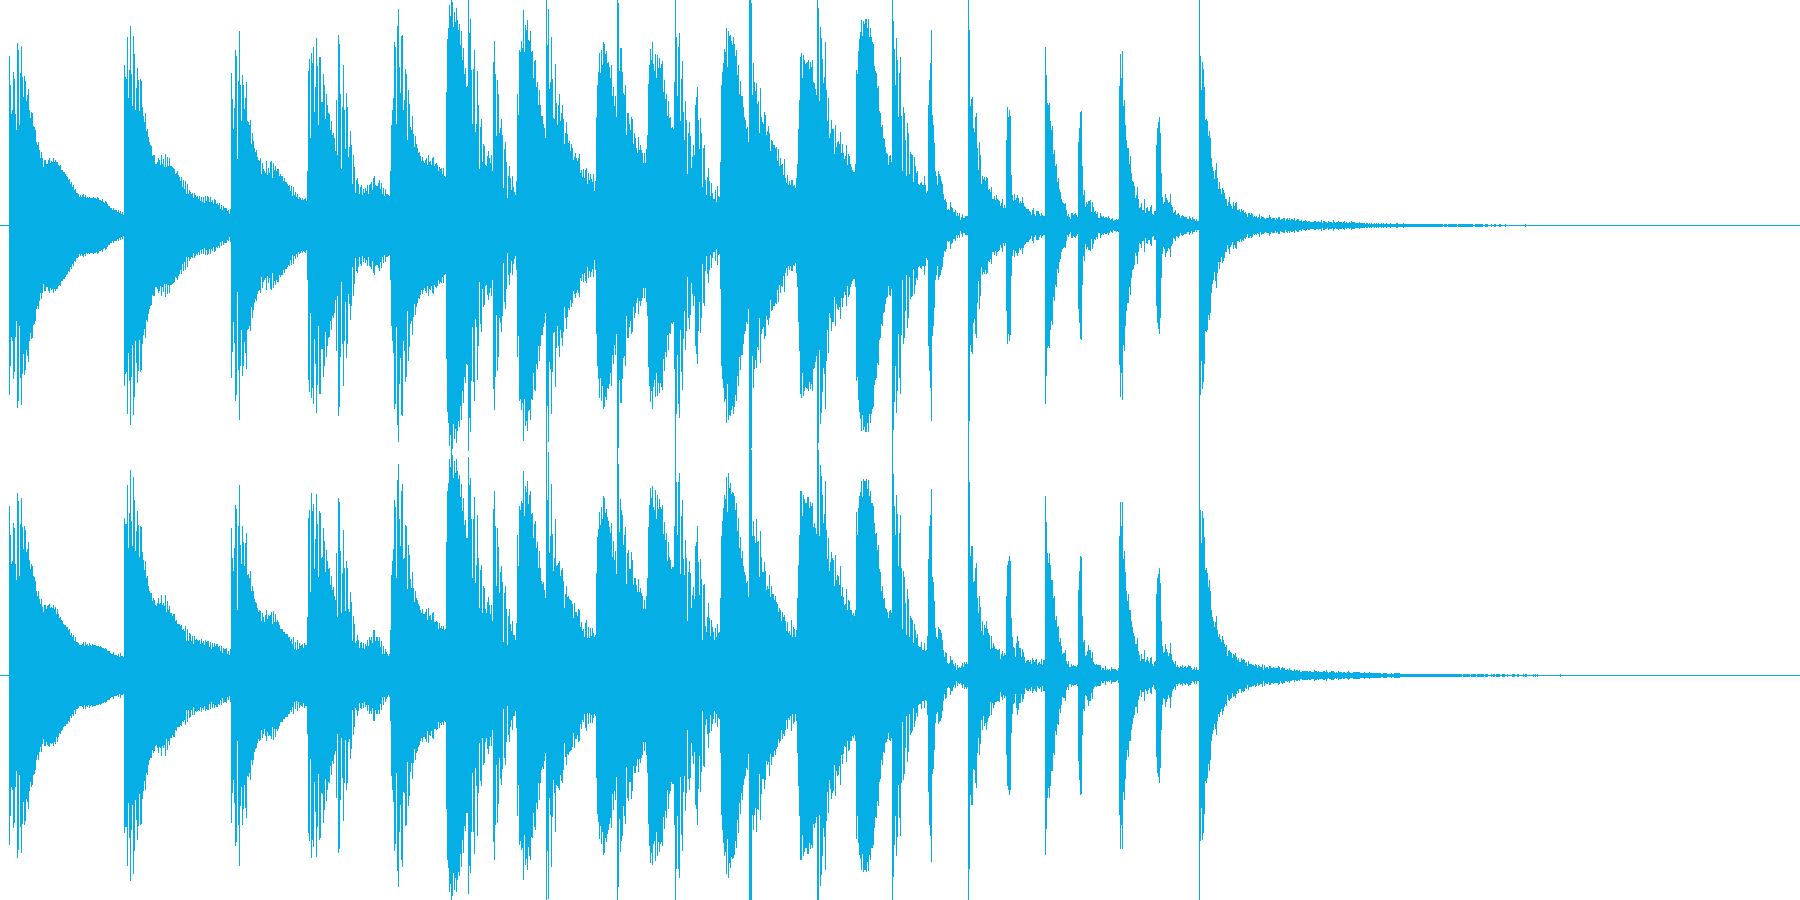 ドラム/ティンバレス フィルイン 22の再生済みの波形